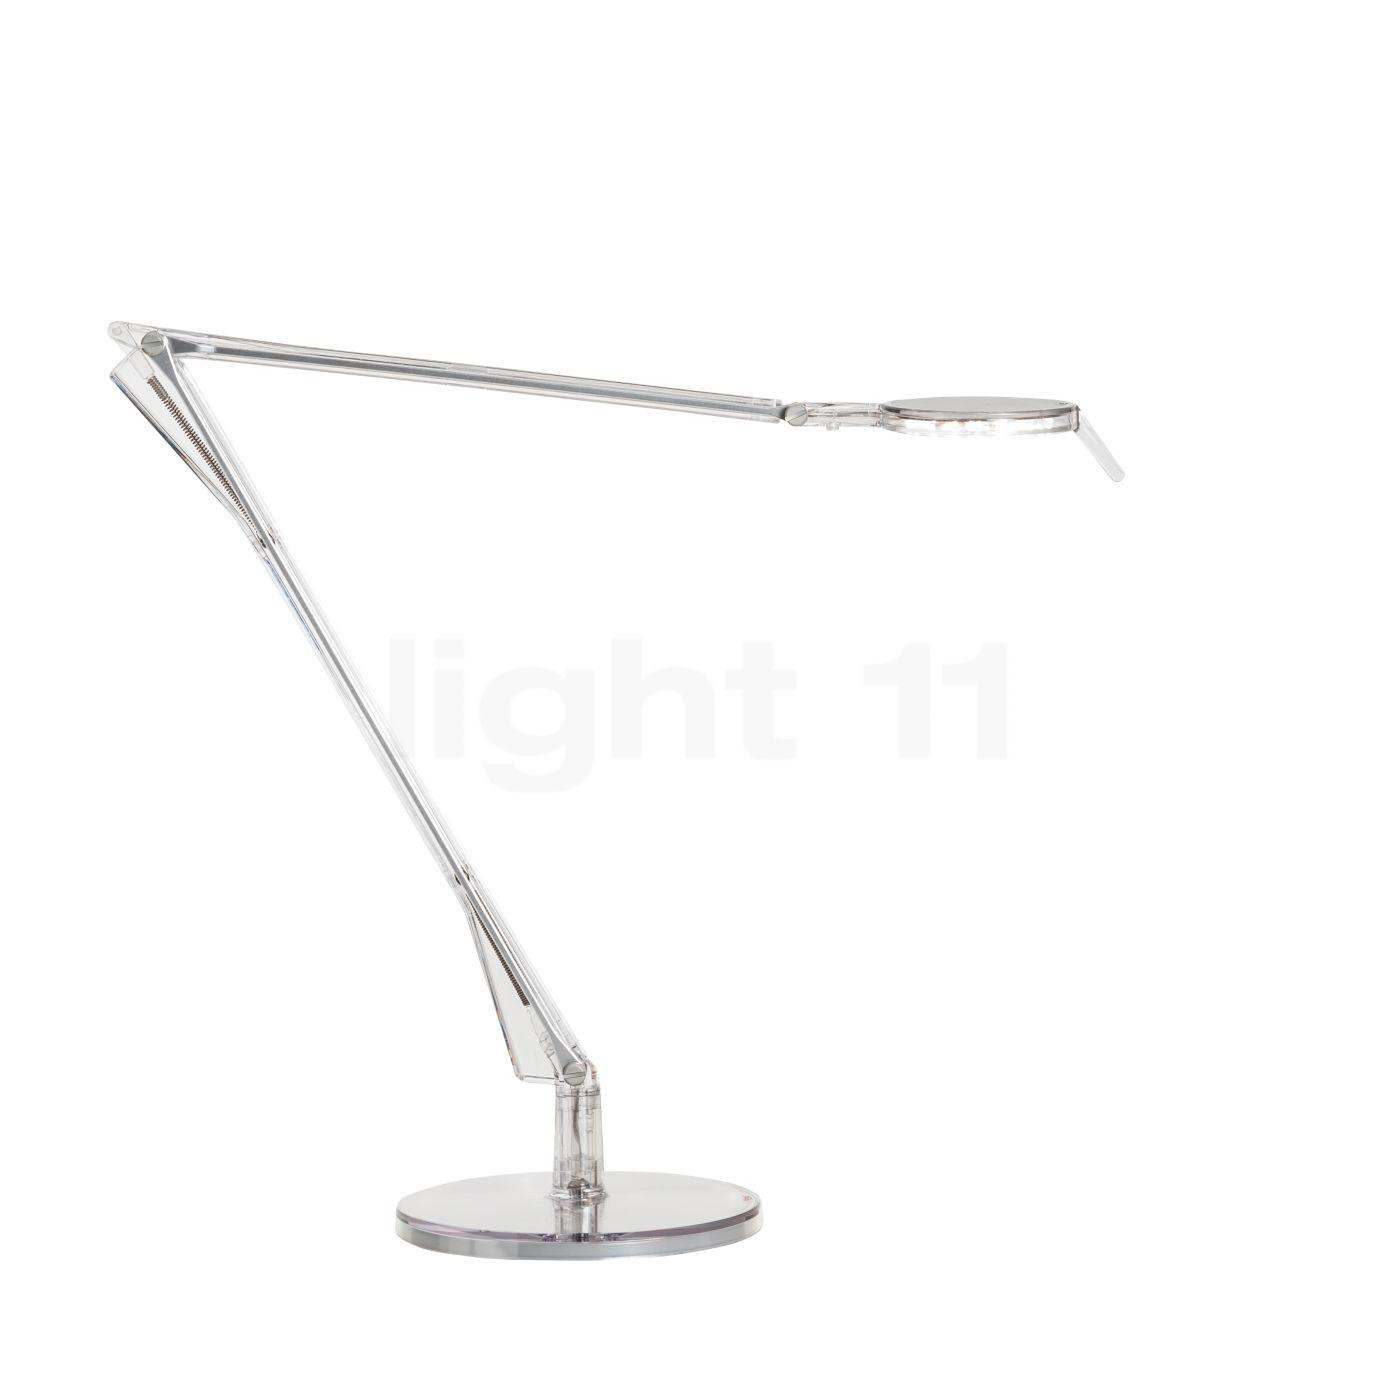 Kartell Aledin Tec Tischleuchte LED, Kristallklar 09190B4